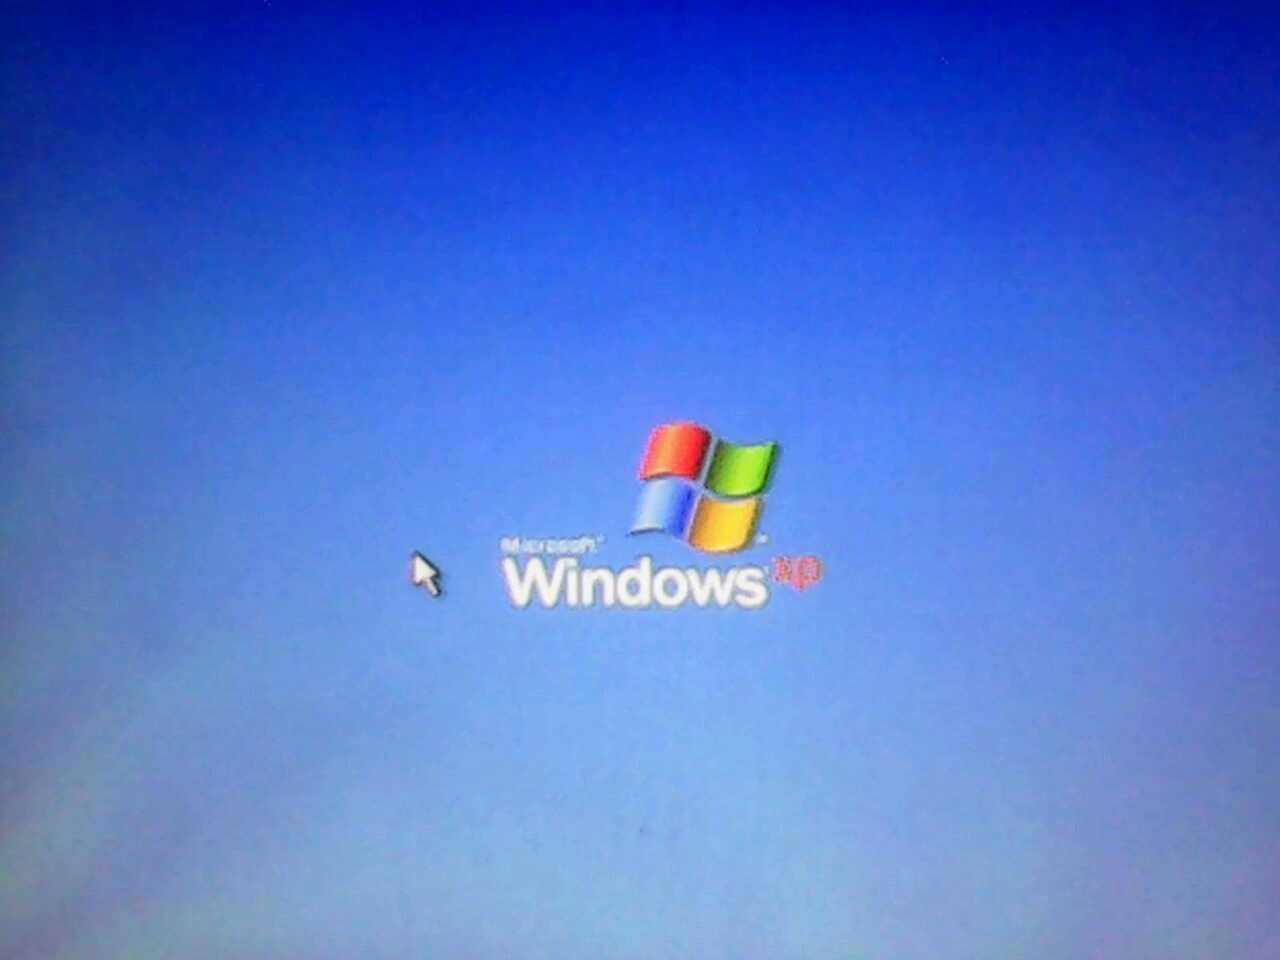 电脑开机只停留在windows界面是什么问题?图片